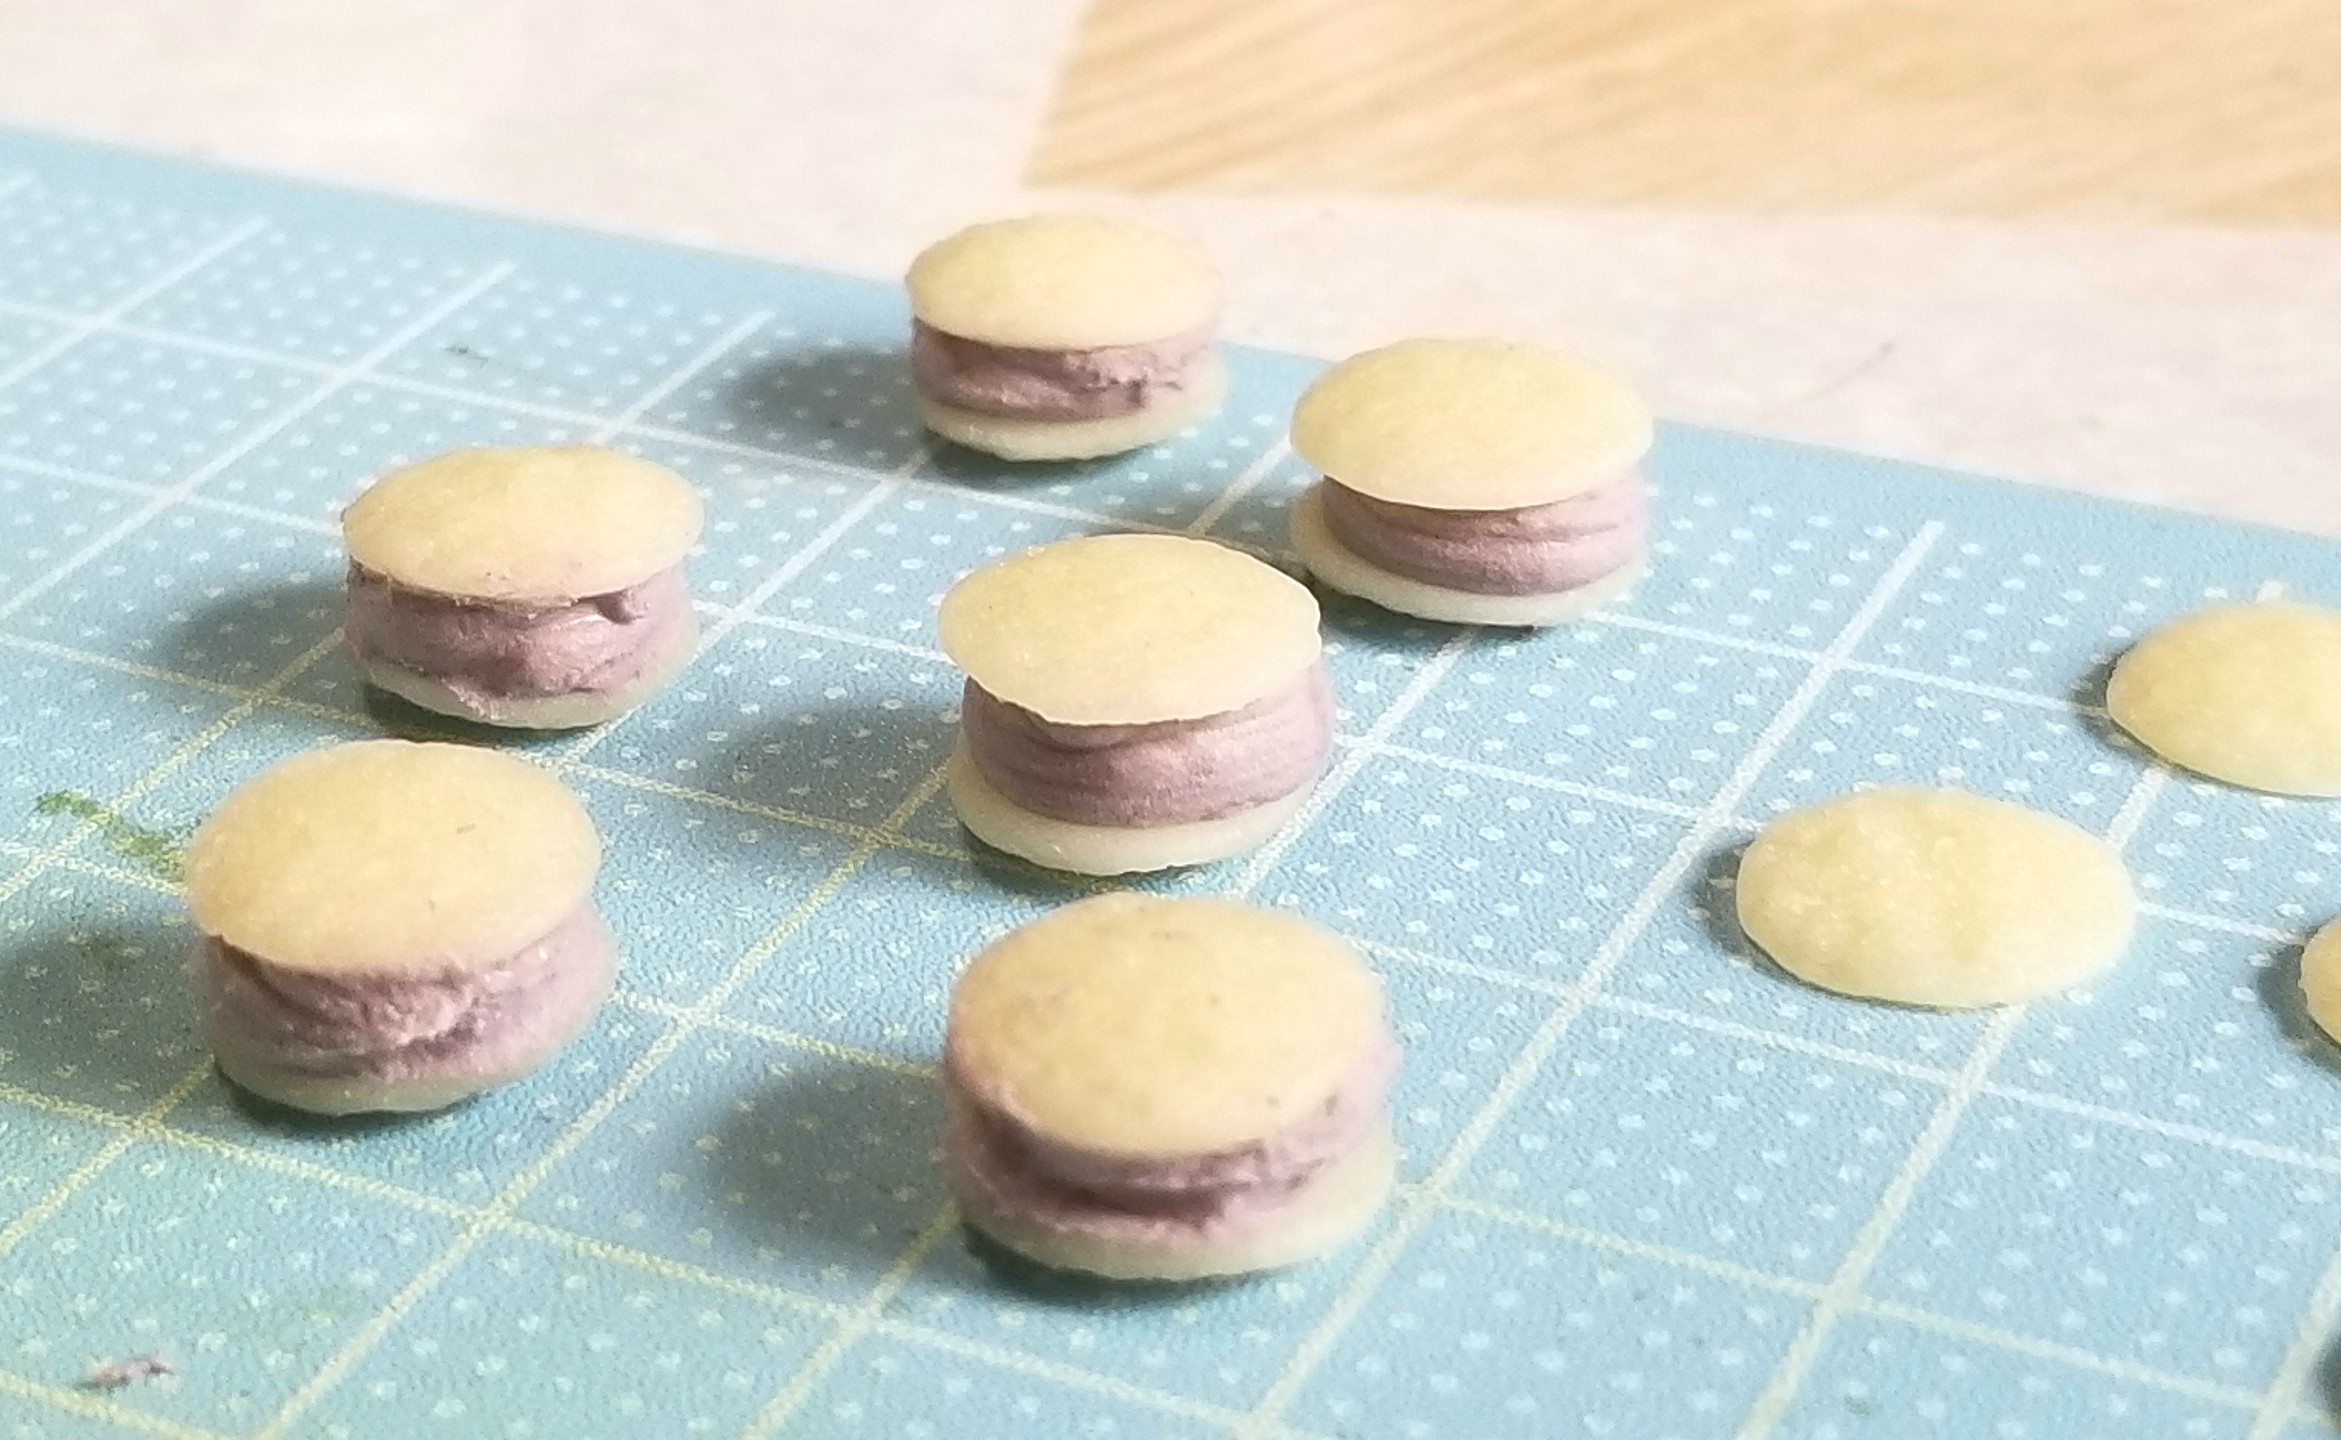 ミニチュアフード,和菓子,クリームどら焼き,作り方,樹脂粘土,人形